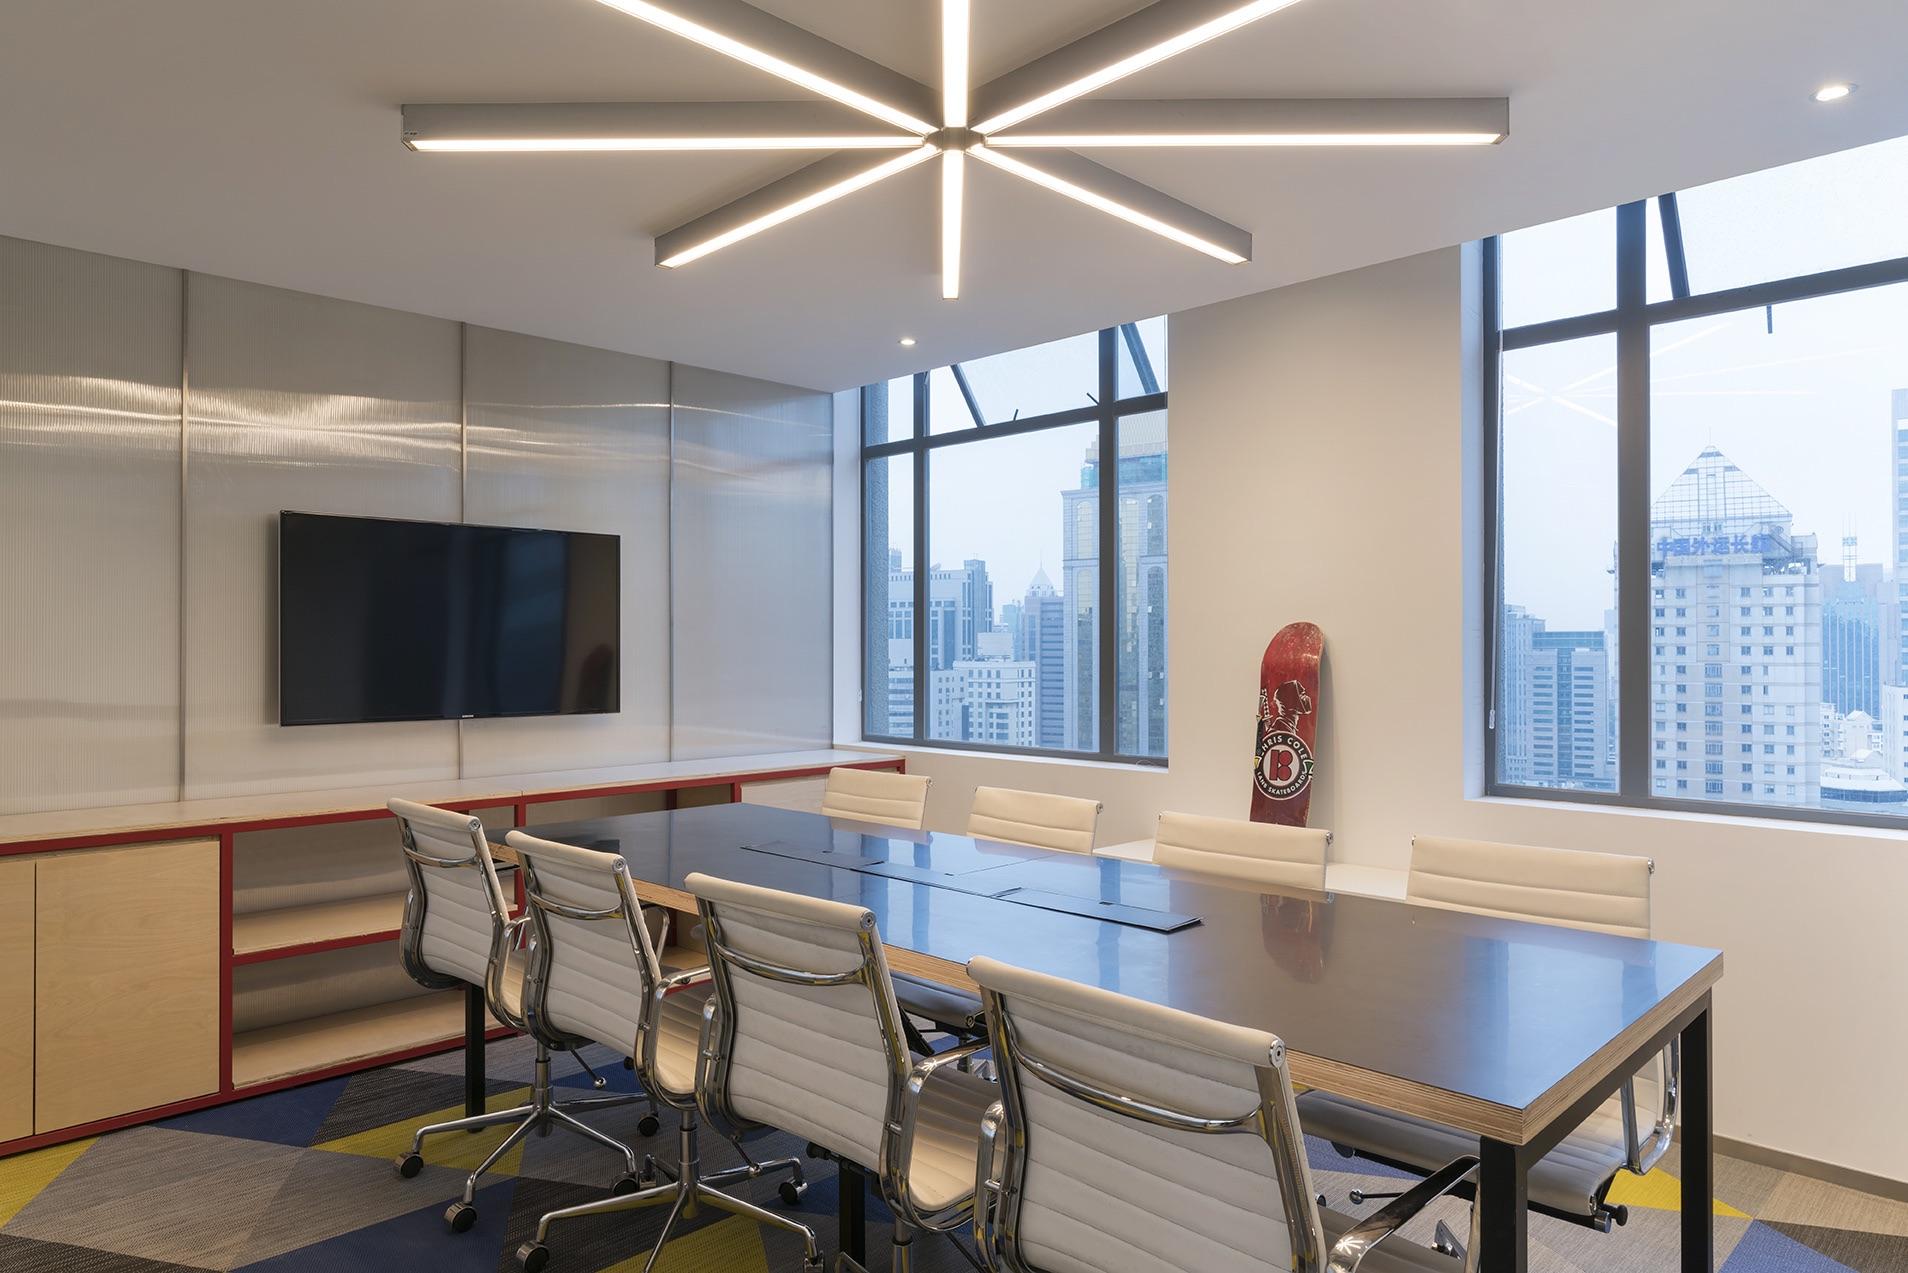 redbull-shanghai-office-10